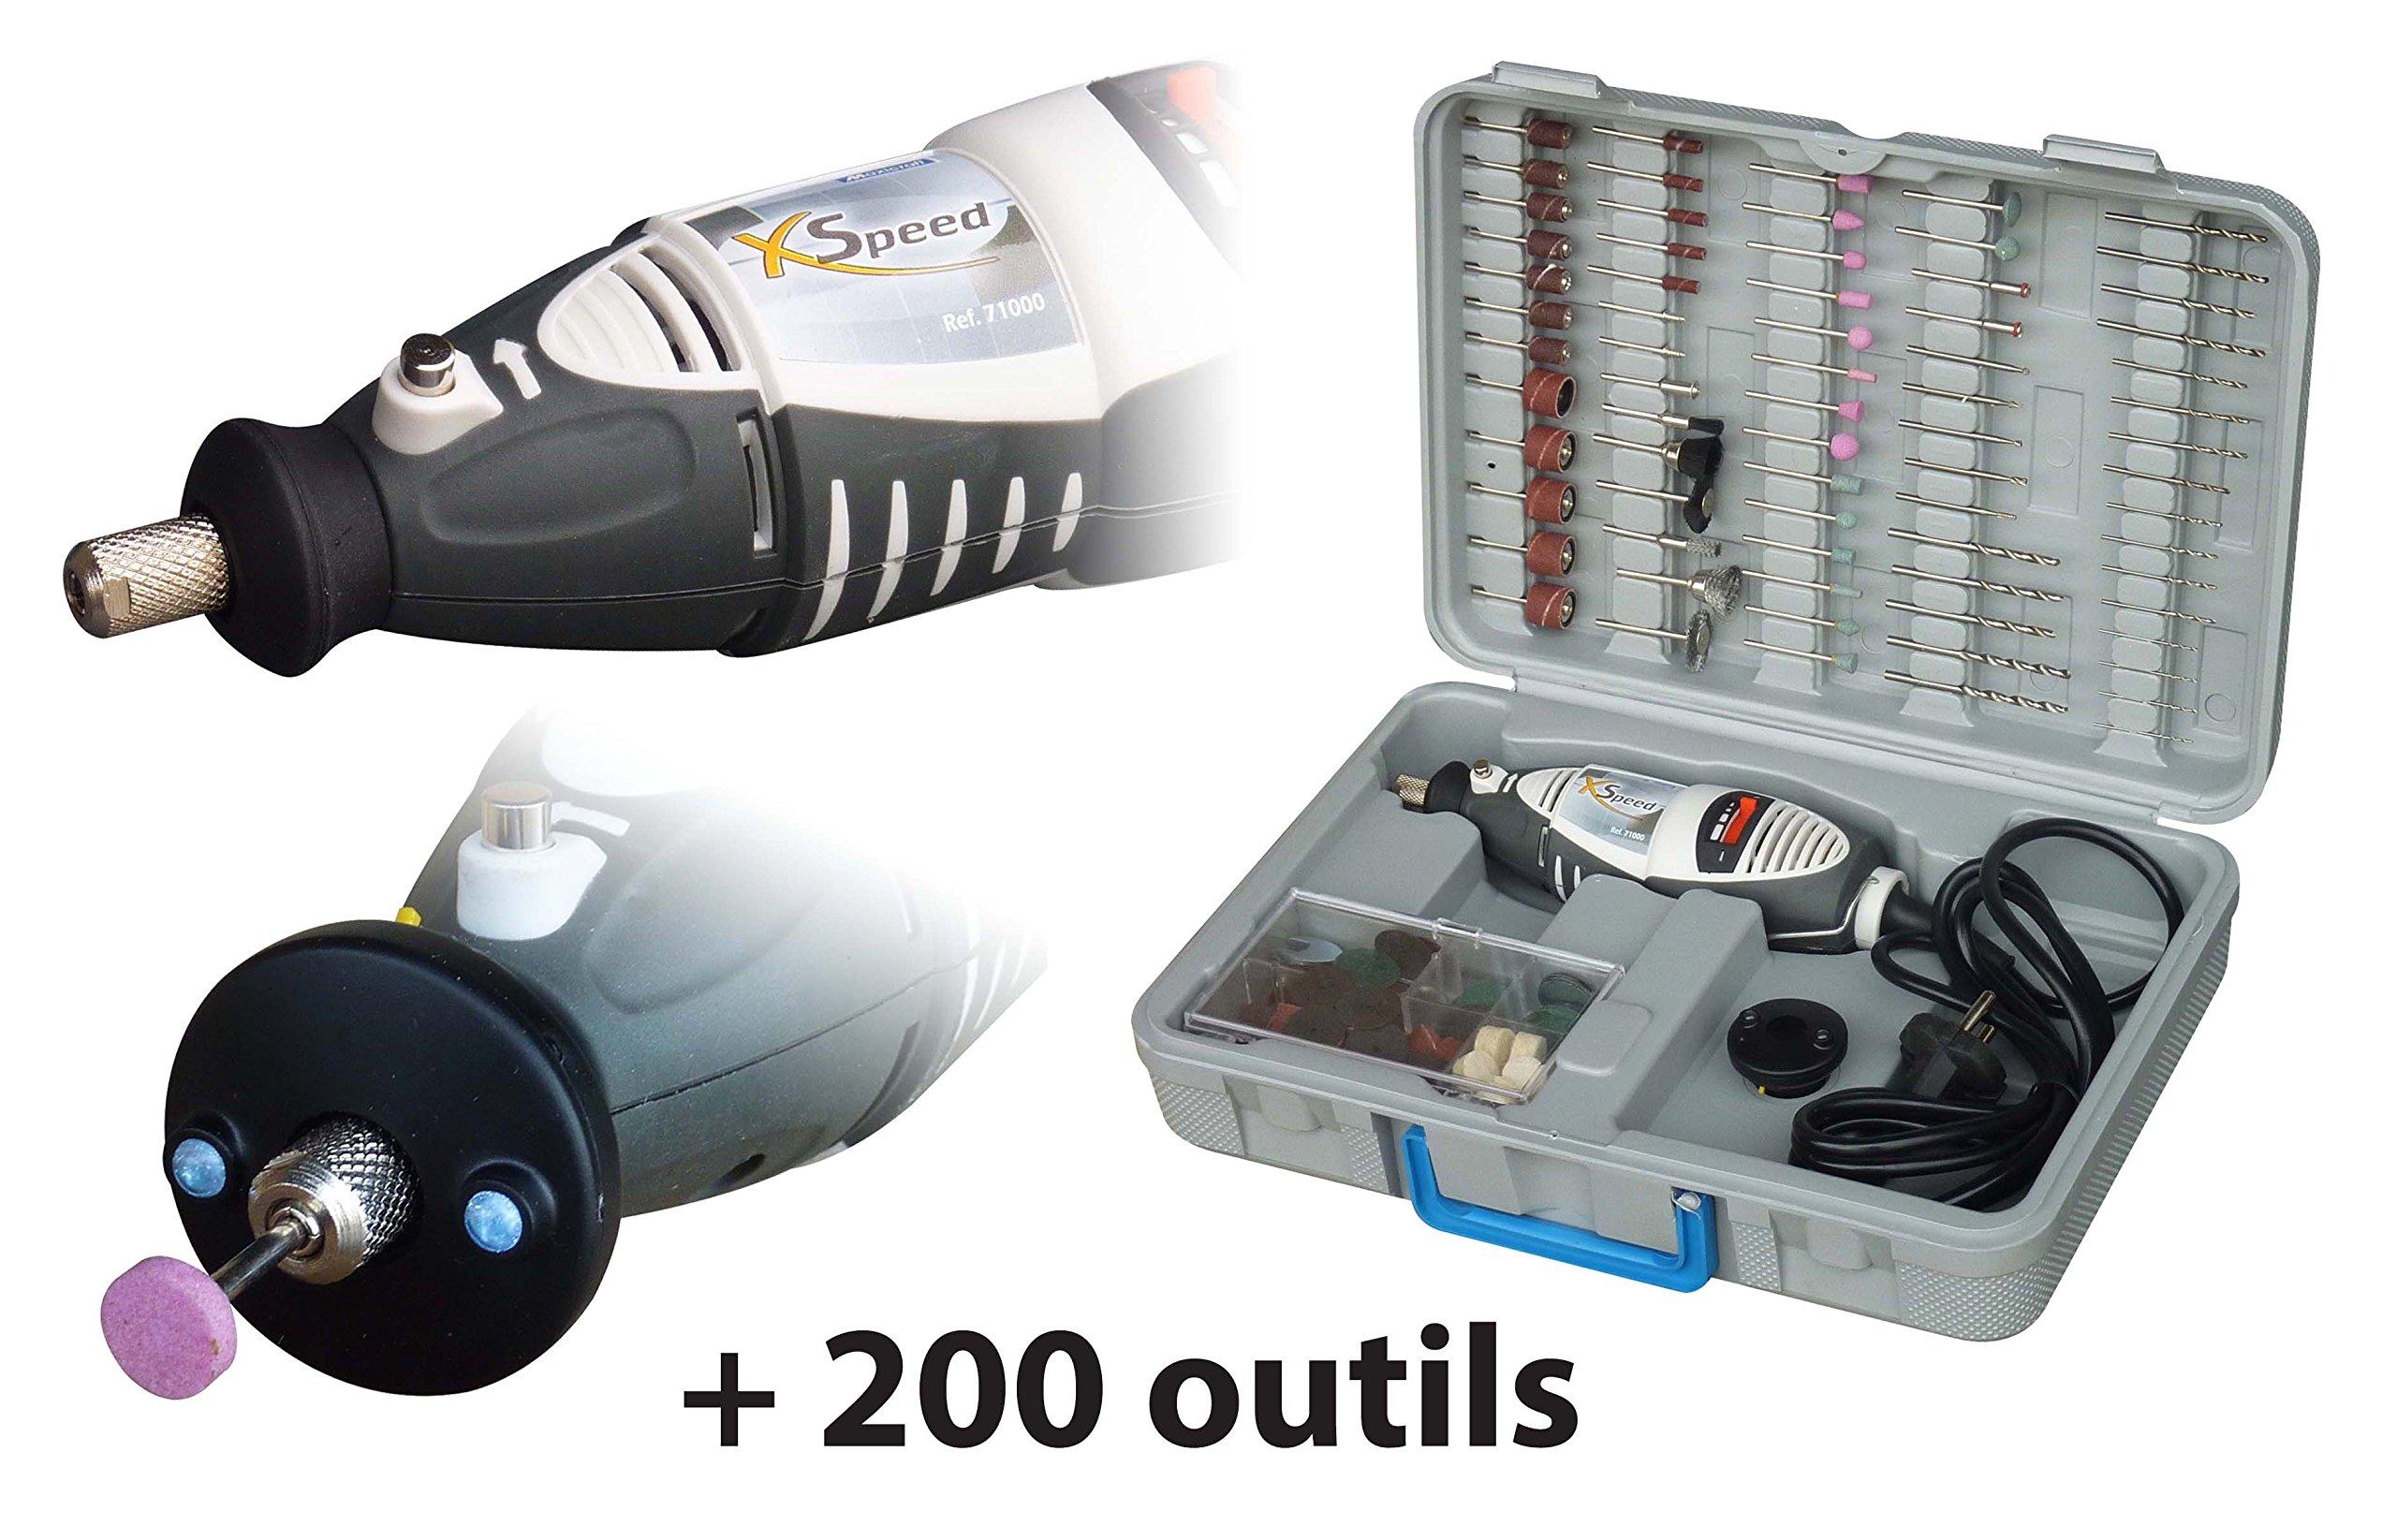 Maxicraft-71200-XSPEED-Bohrmaschine-Przisions-mit-200-Werkzeuge